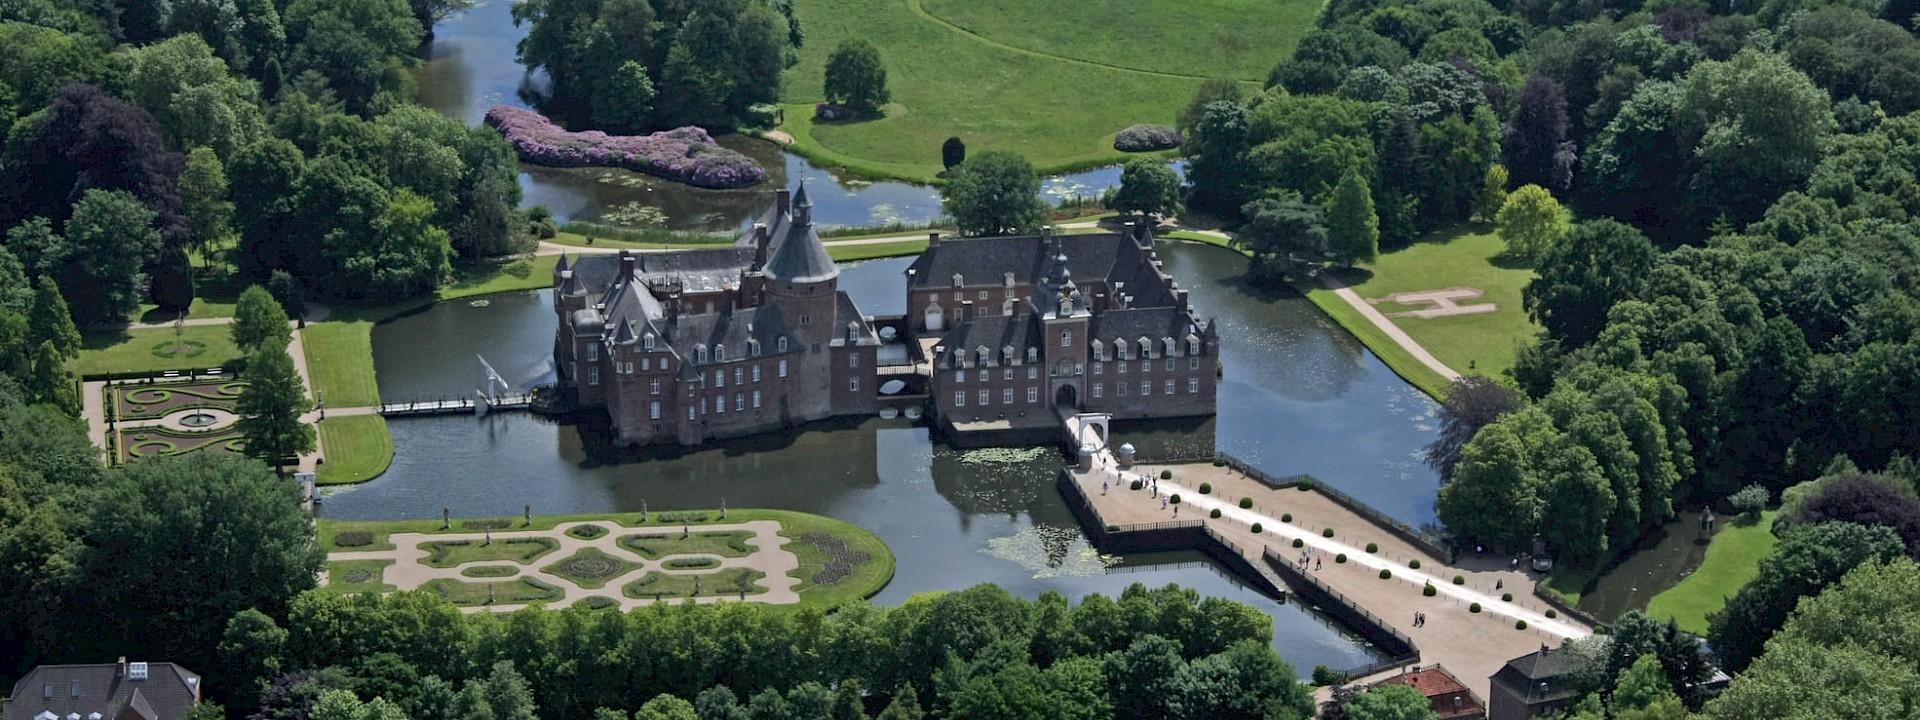 Grenzenlose Wege - Verträumte Romantik Isselburg